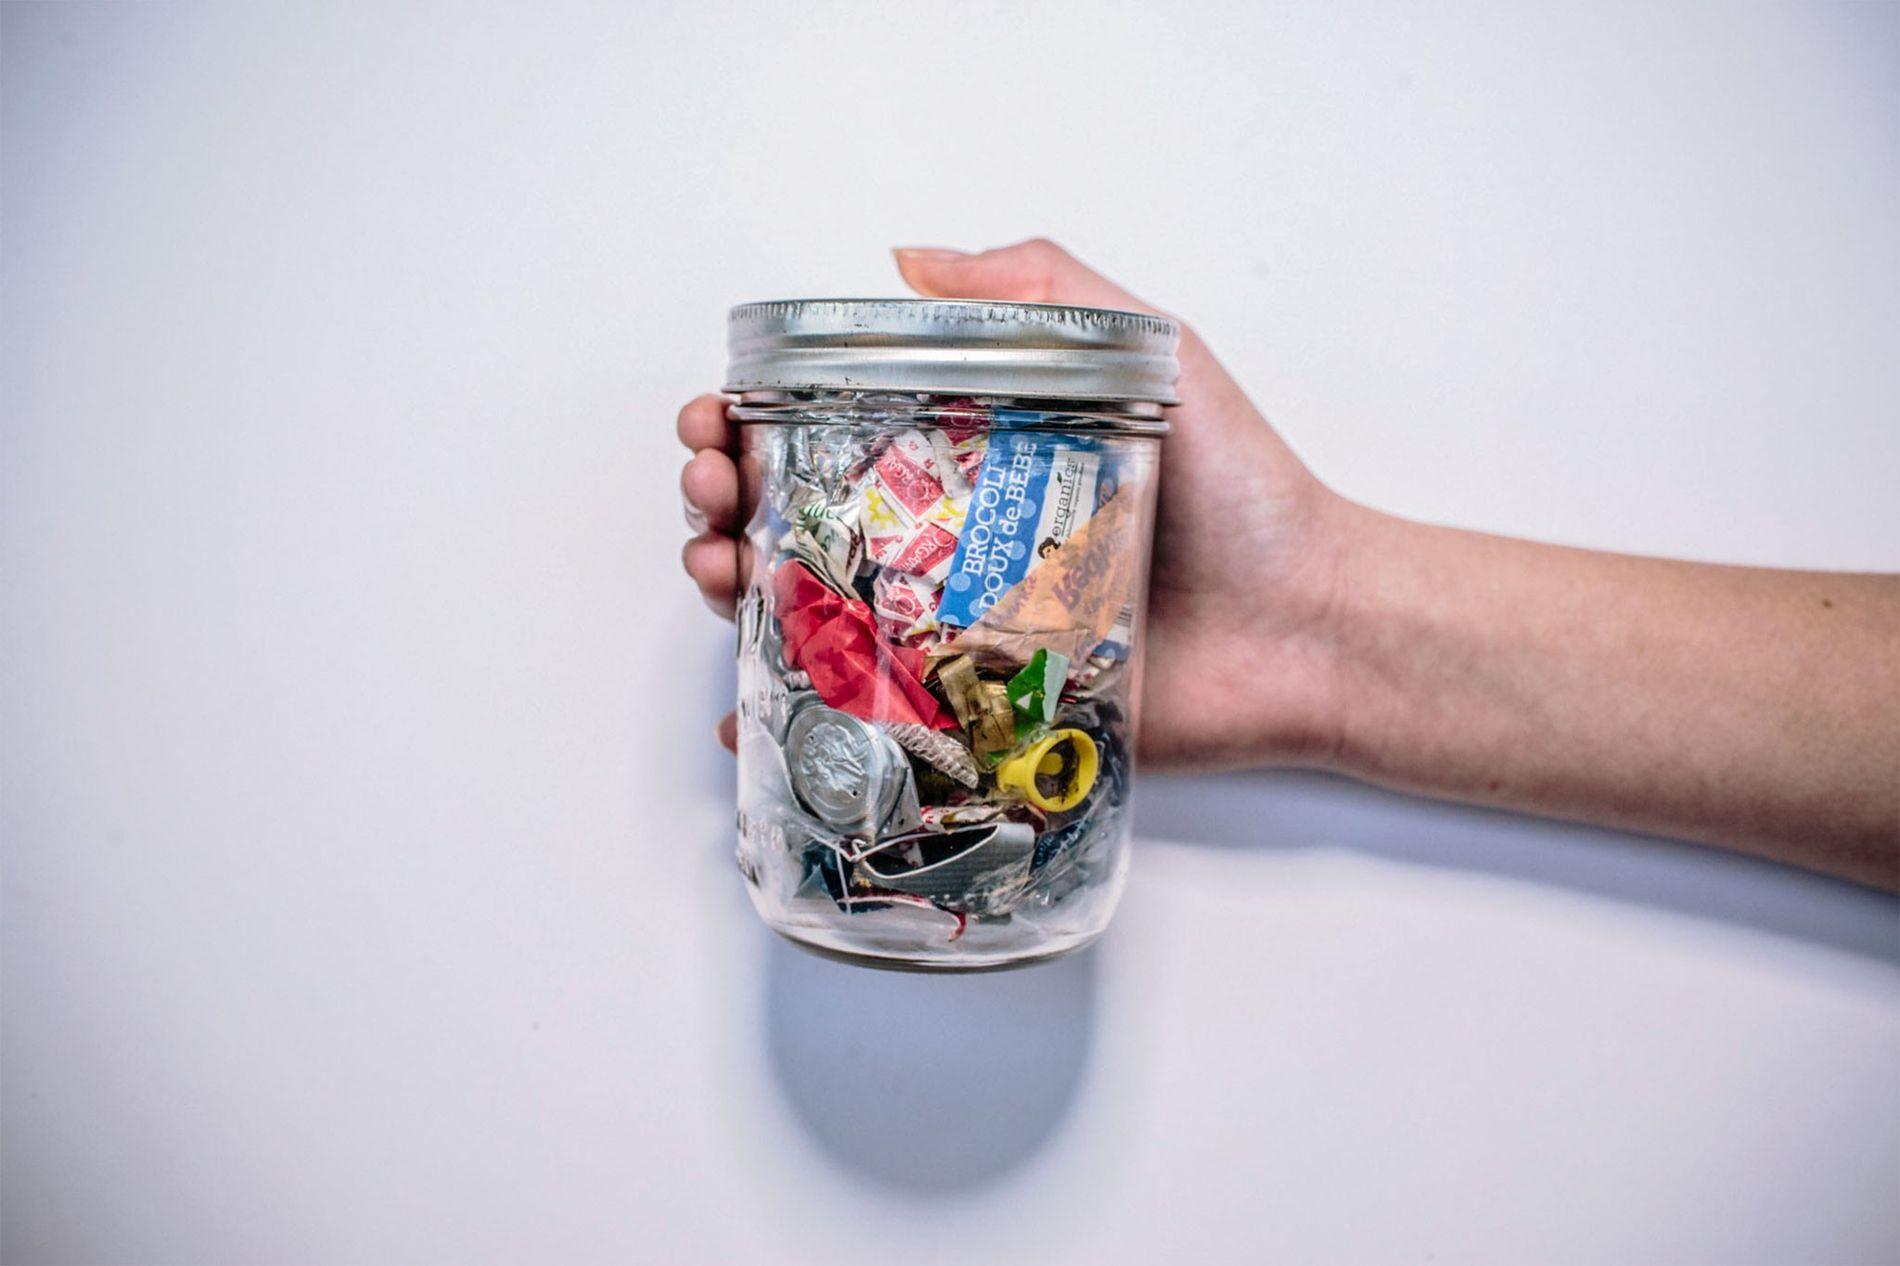 Este tarro contiene todos los residuos producidos en dos años por Kathryn Kellogg, de California, que no eran reciclables ni compostables.